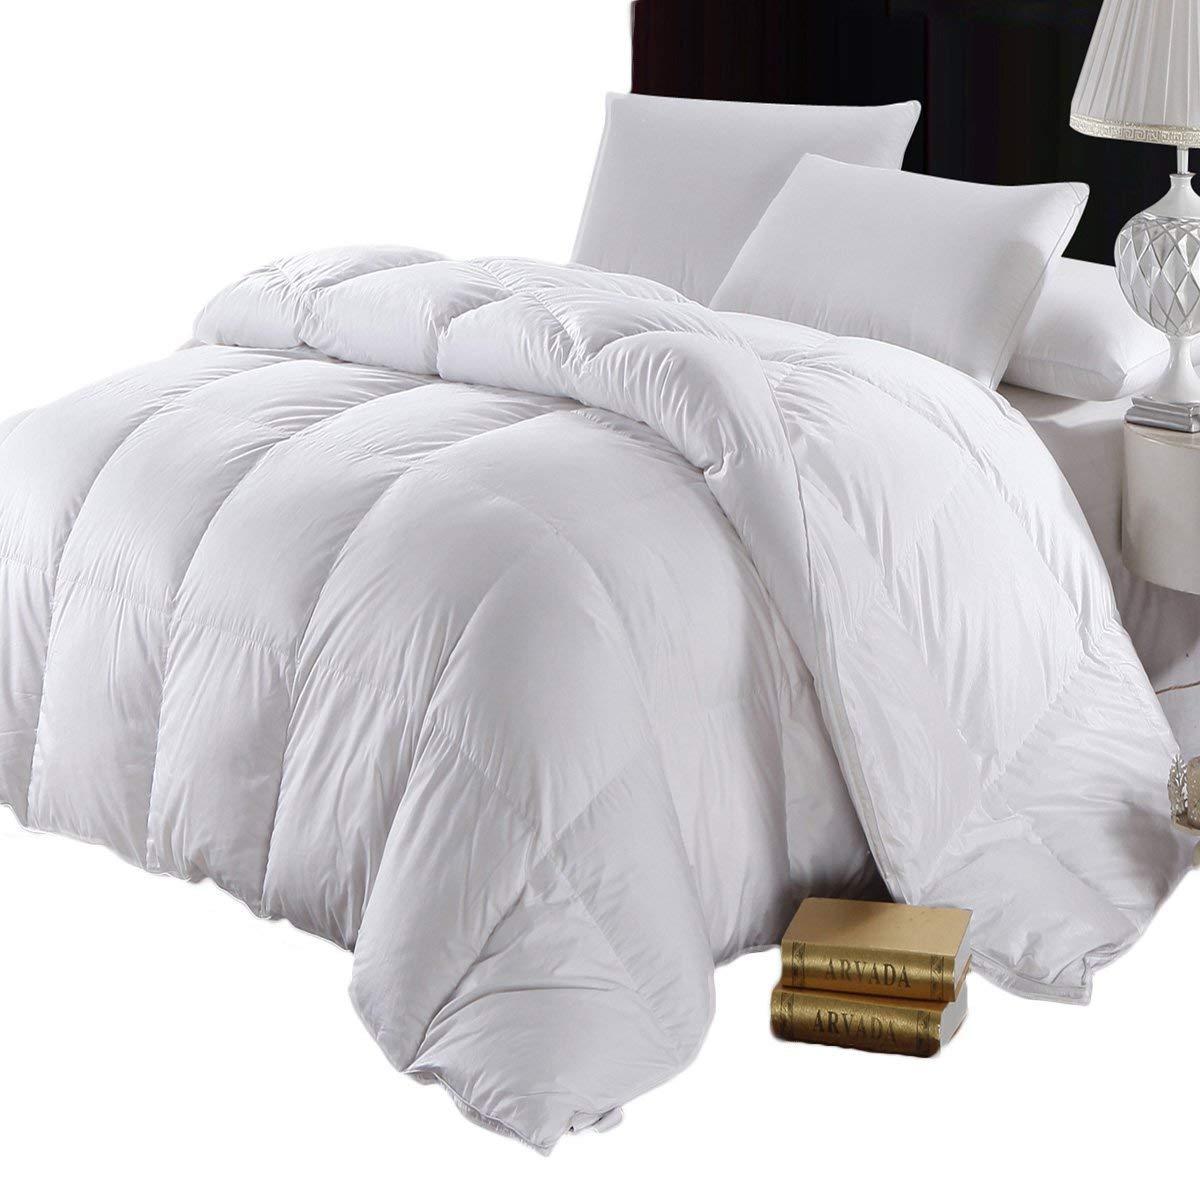 Royal Bedding Down-Comforter